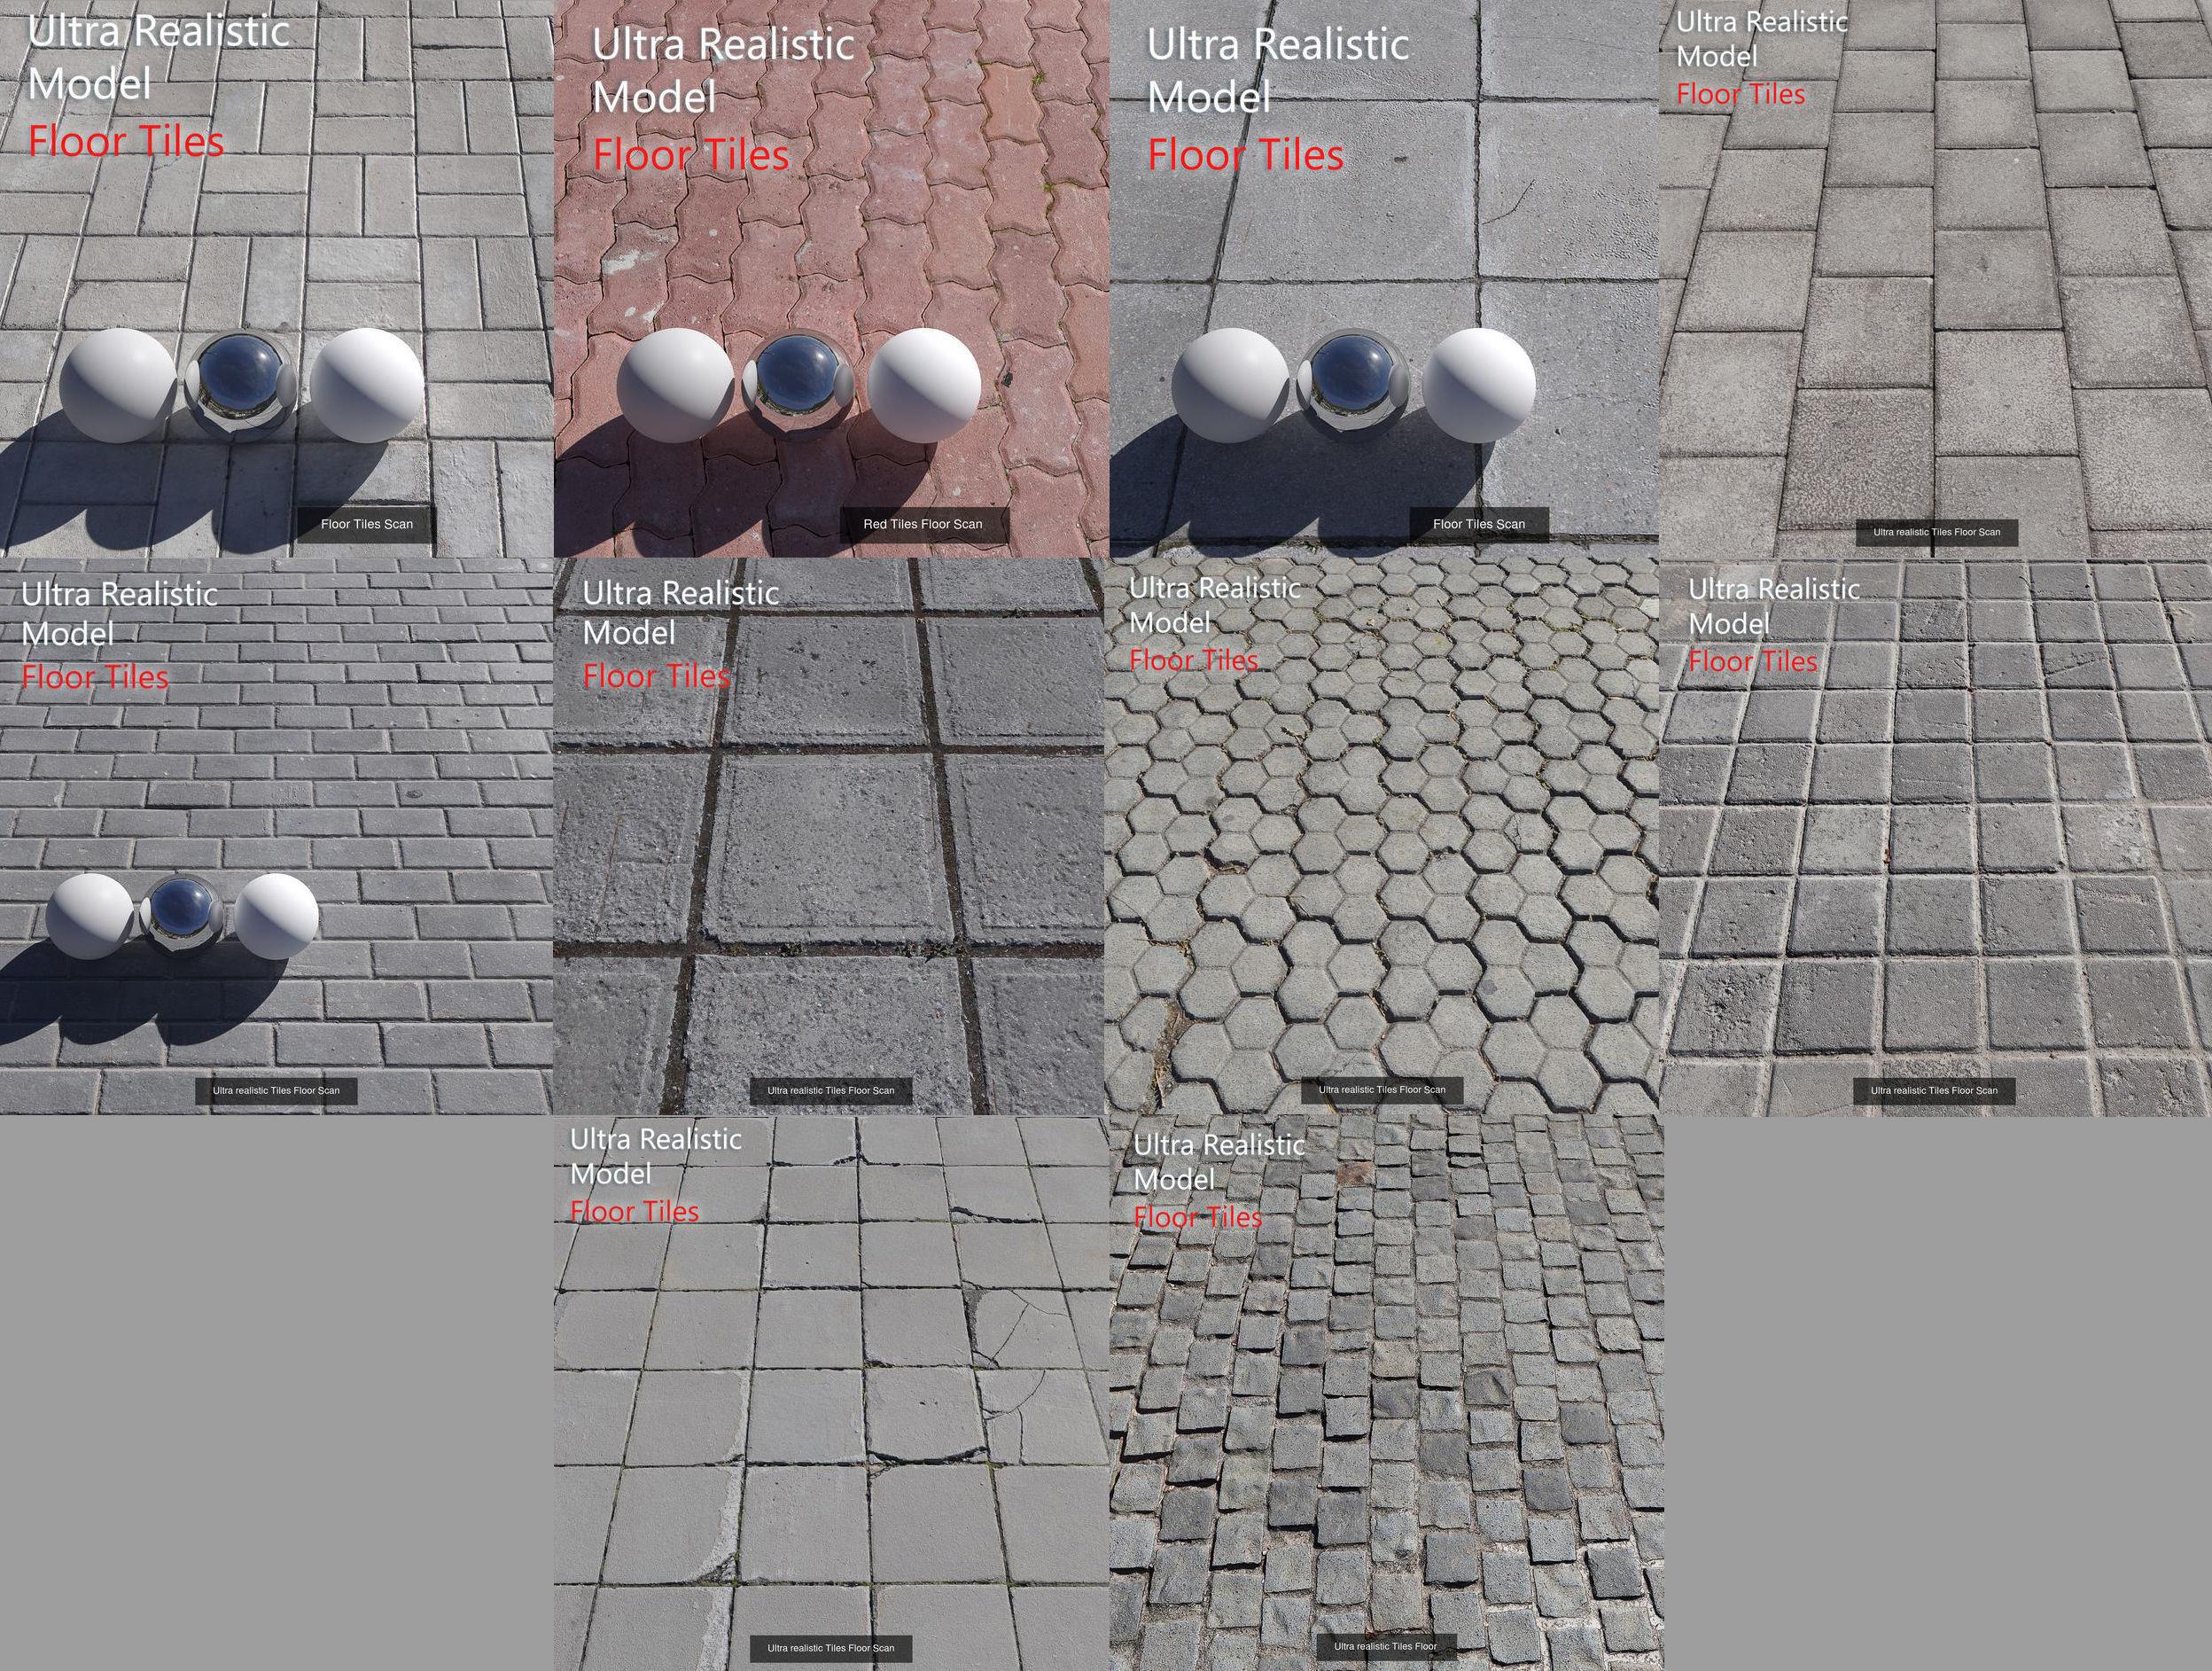 Ultra realistic Floor Tiles